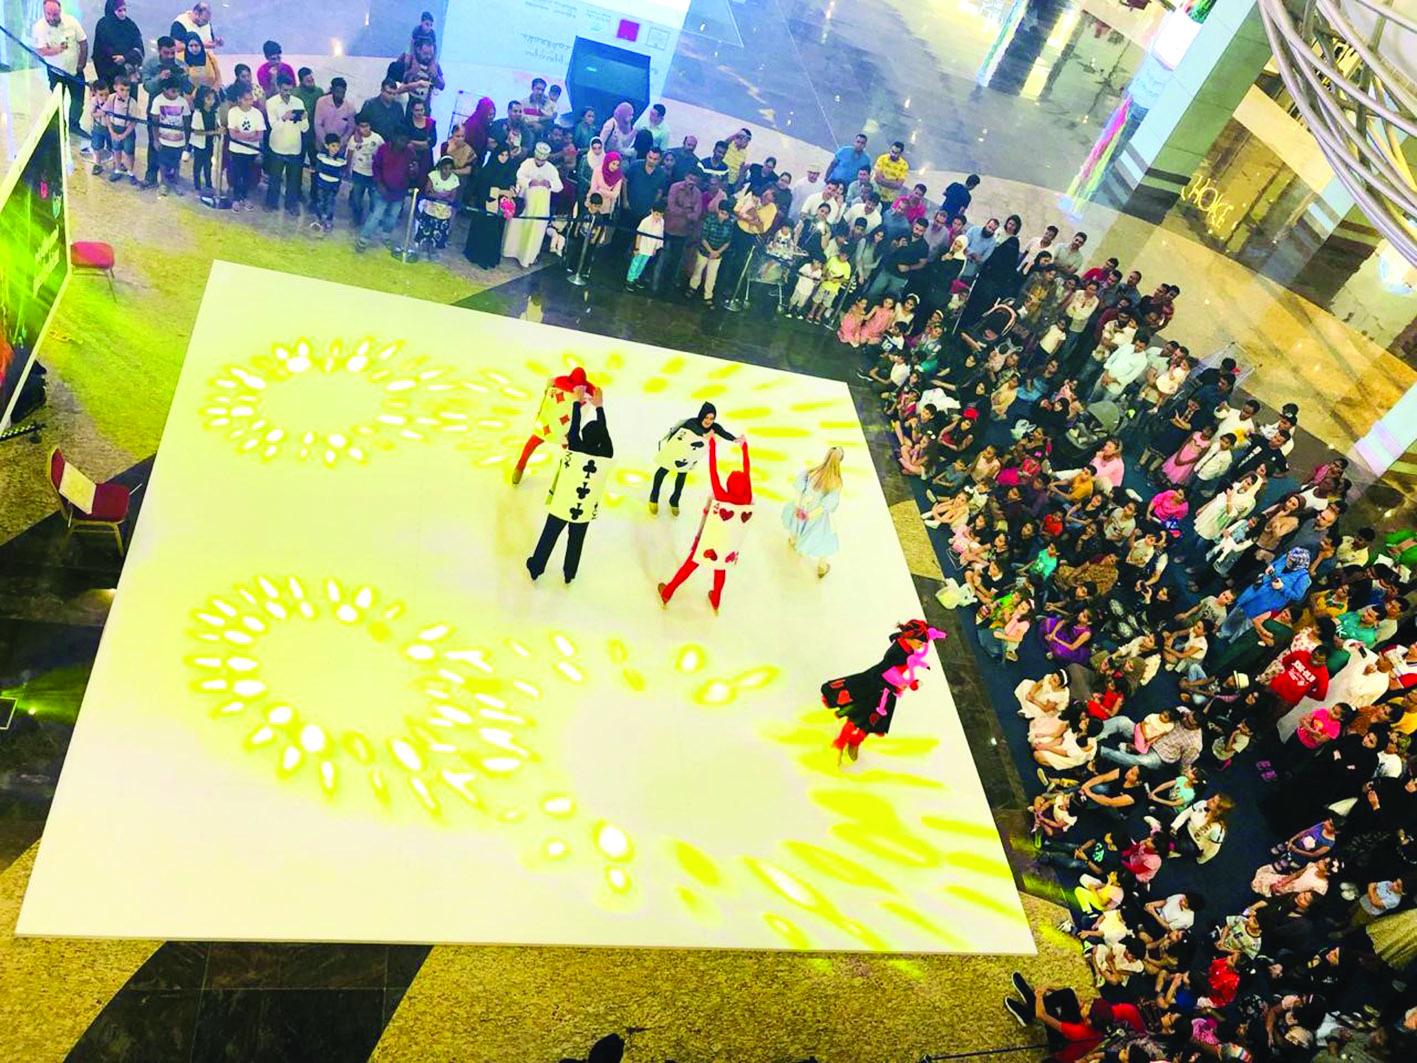 إقبال واسع على فعاليات العيد في مسقط جراند مول